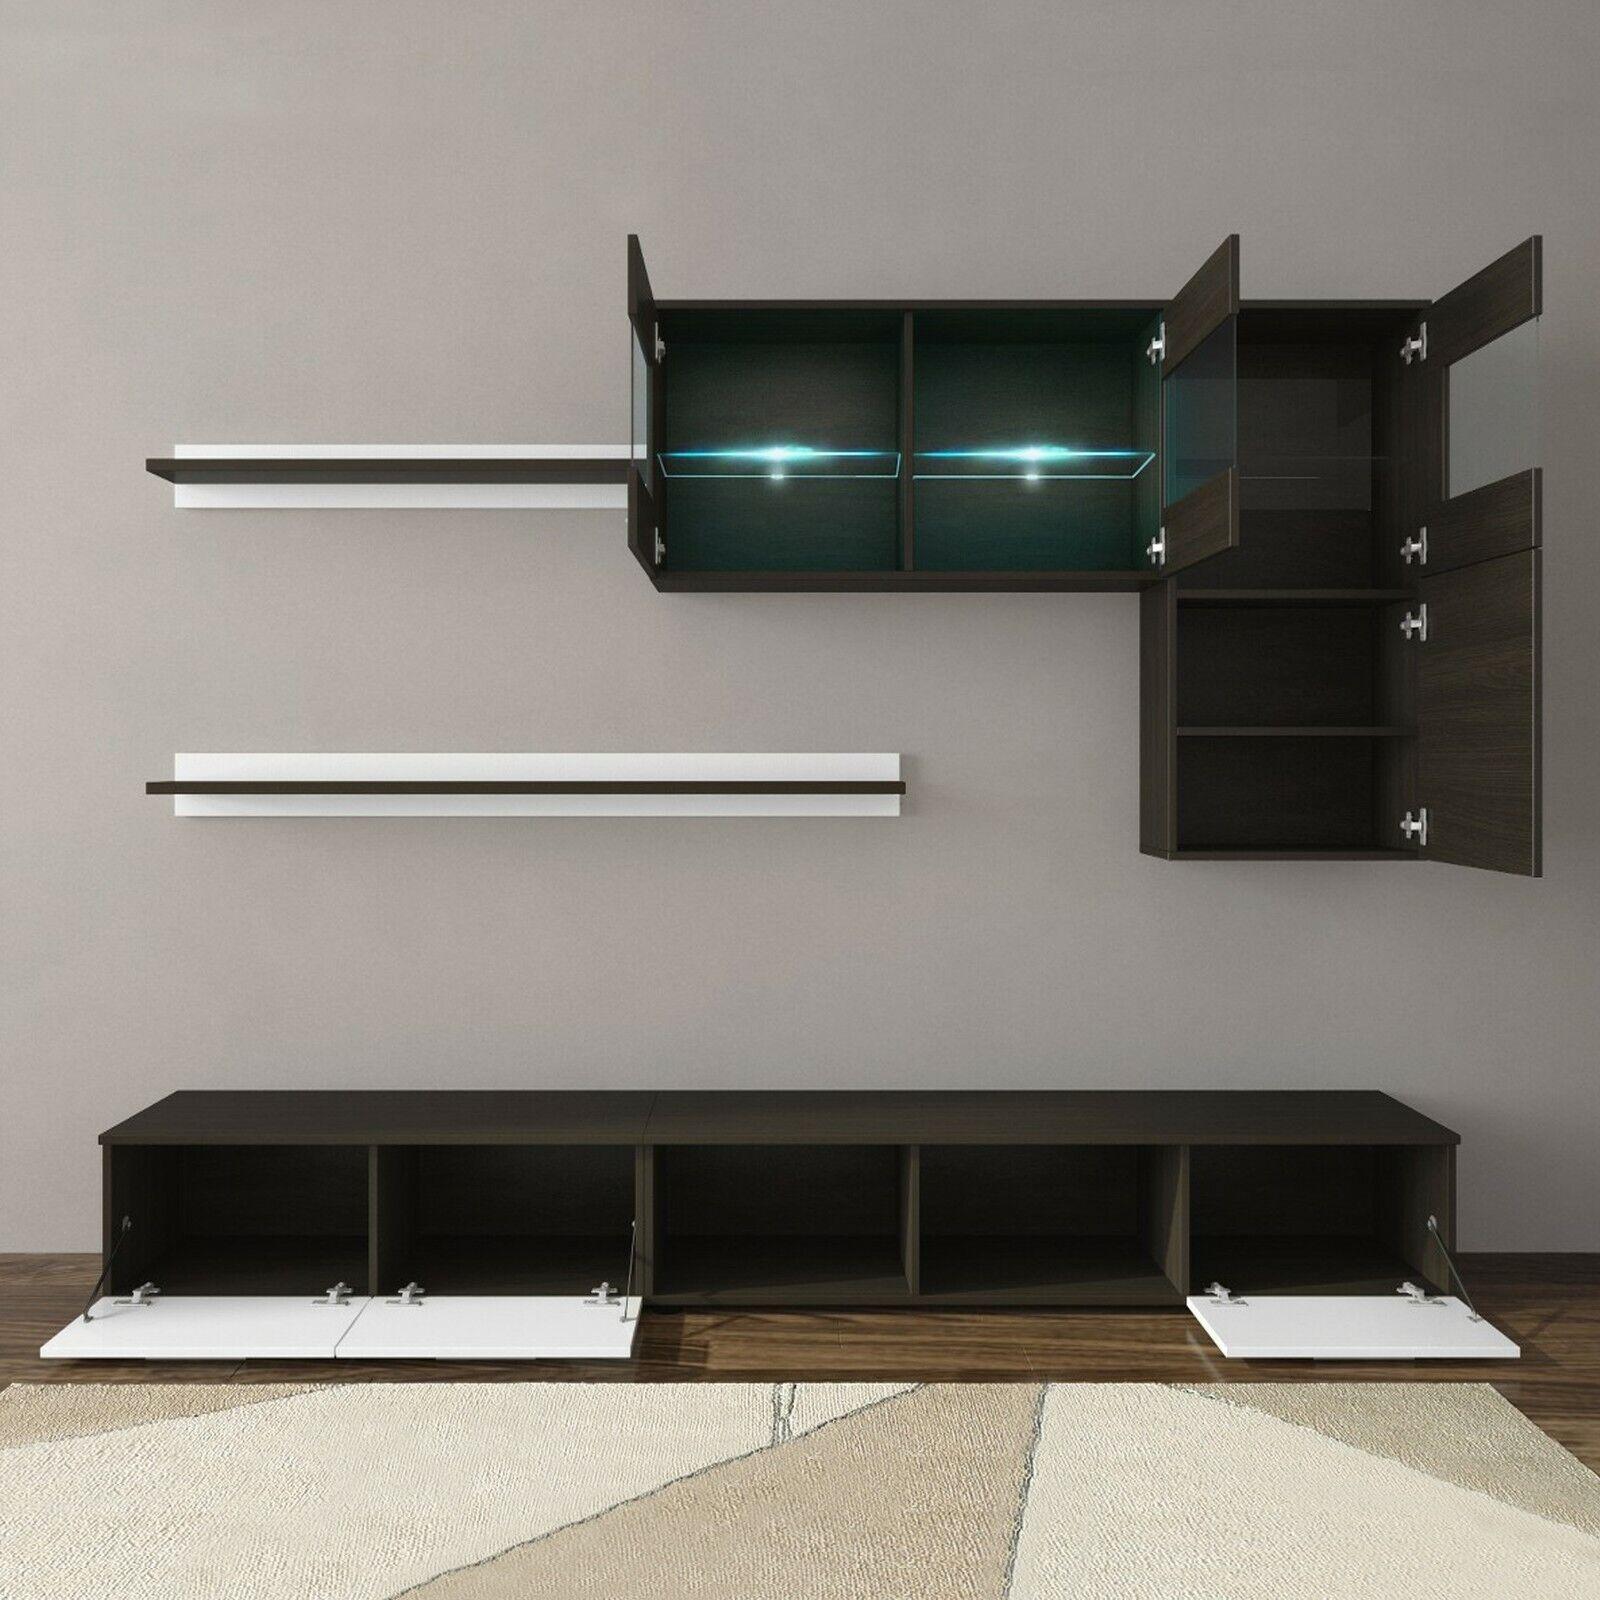 s l1600 - Salón moderno, comedor con luces Leds, mueble salon color Blanco Brillo y Wengué